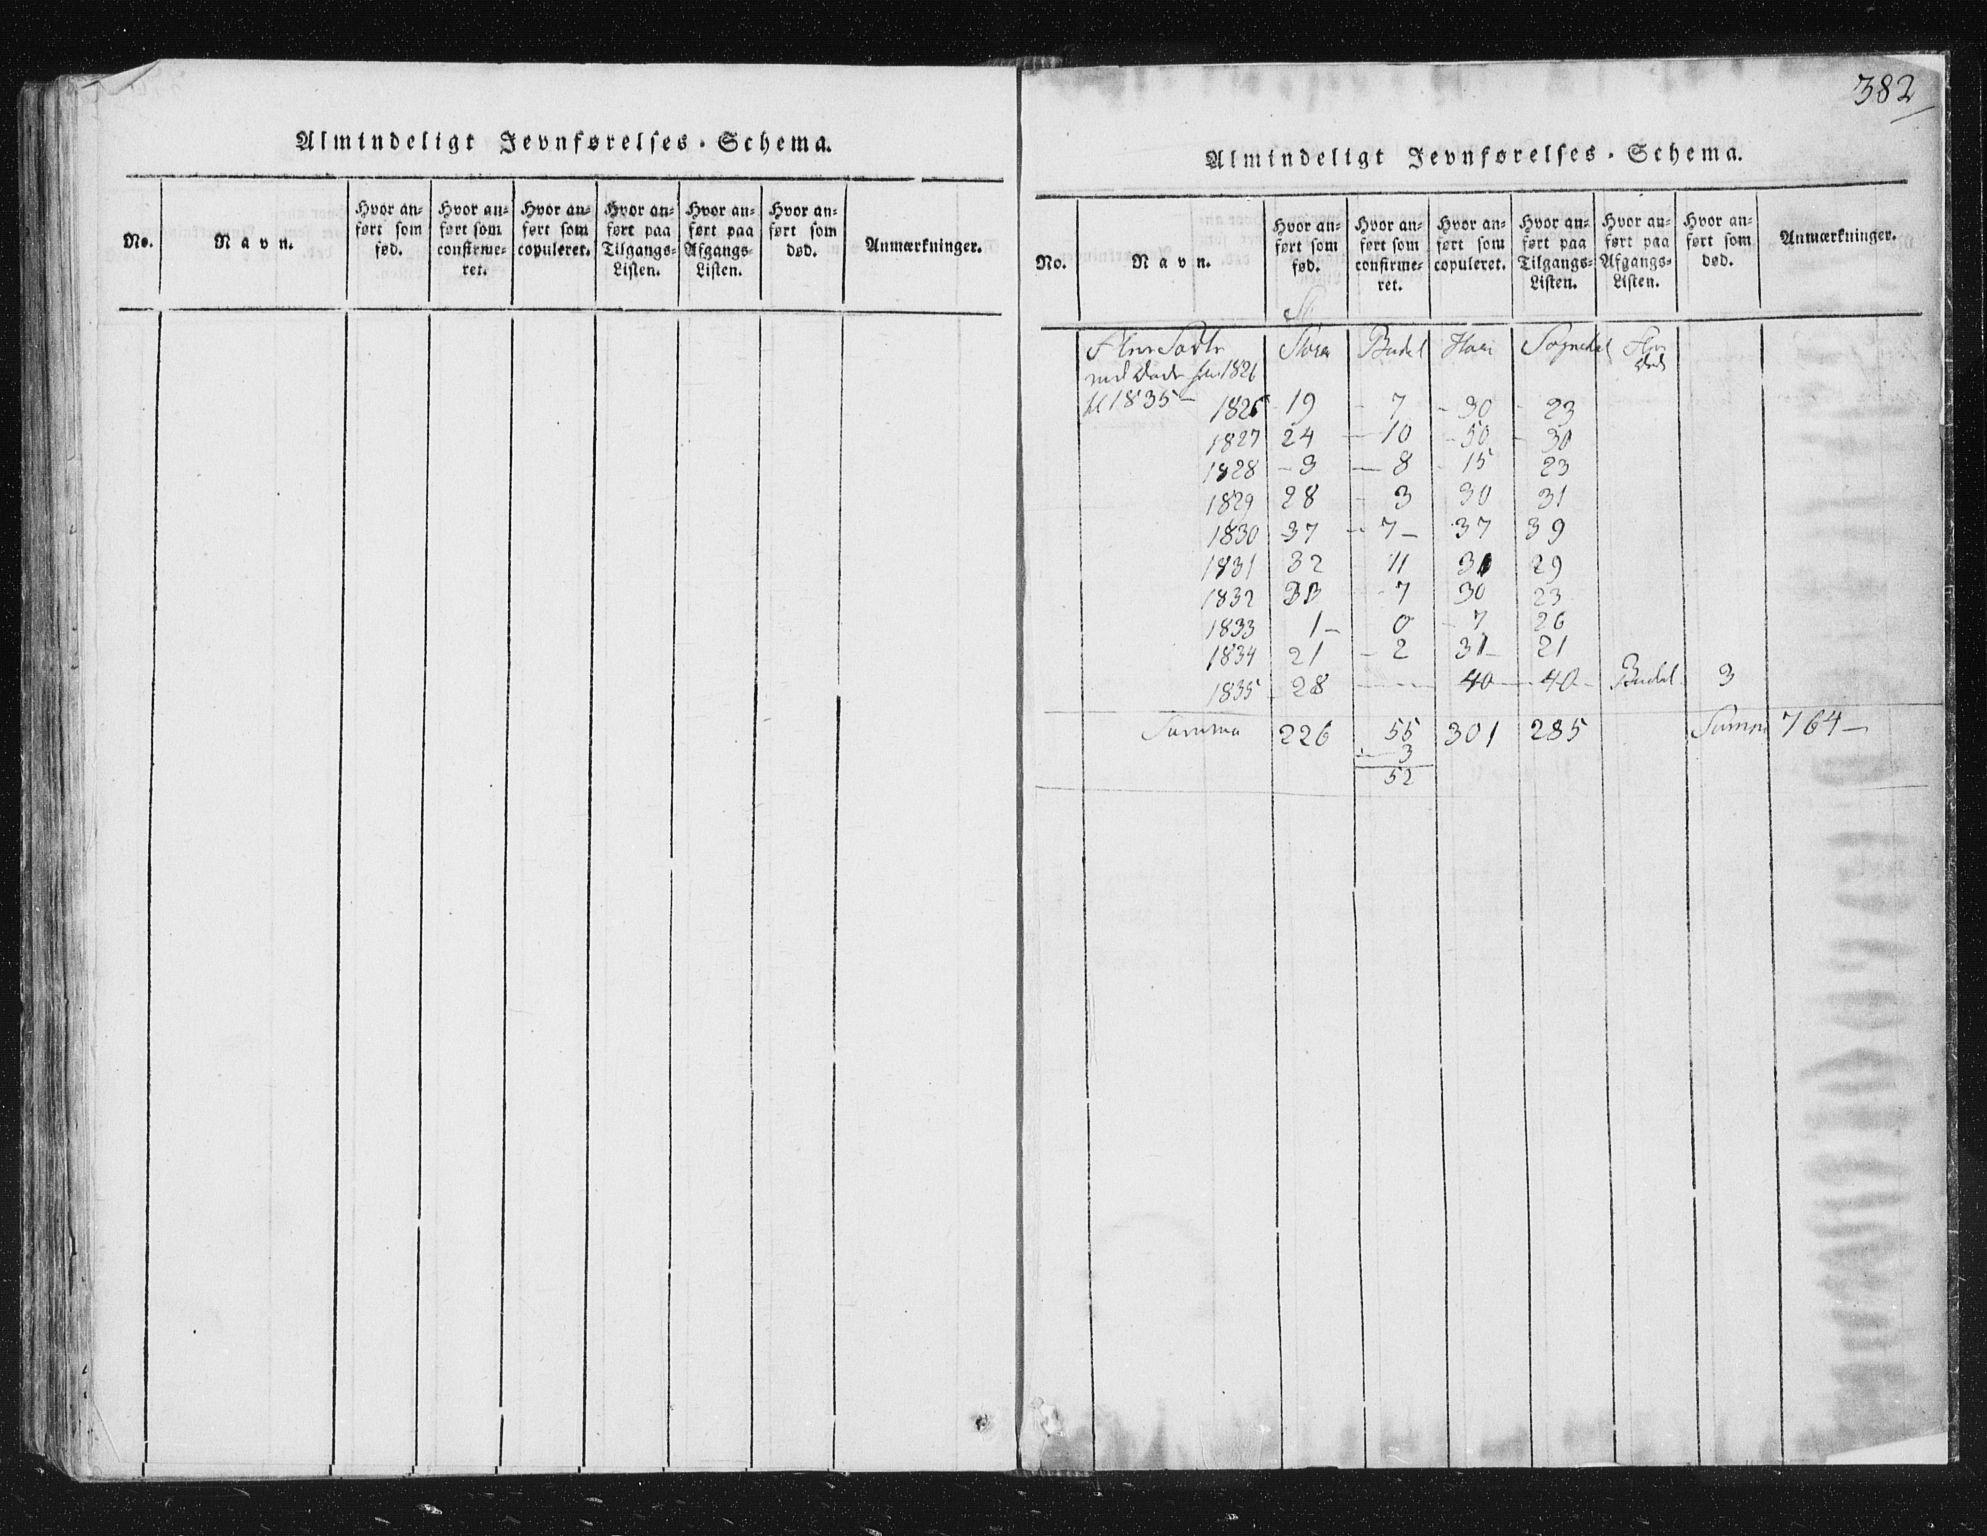 SAT, Ministerialprotokoller, klokkerbøker og fødselsregistre - Sør-Trøndelag, 687/L0996: Ministerialbok nr. 687A04, 1816-1842, s. 382